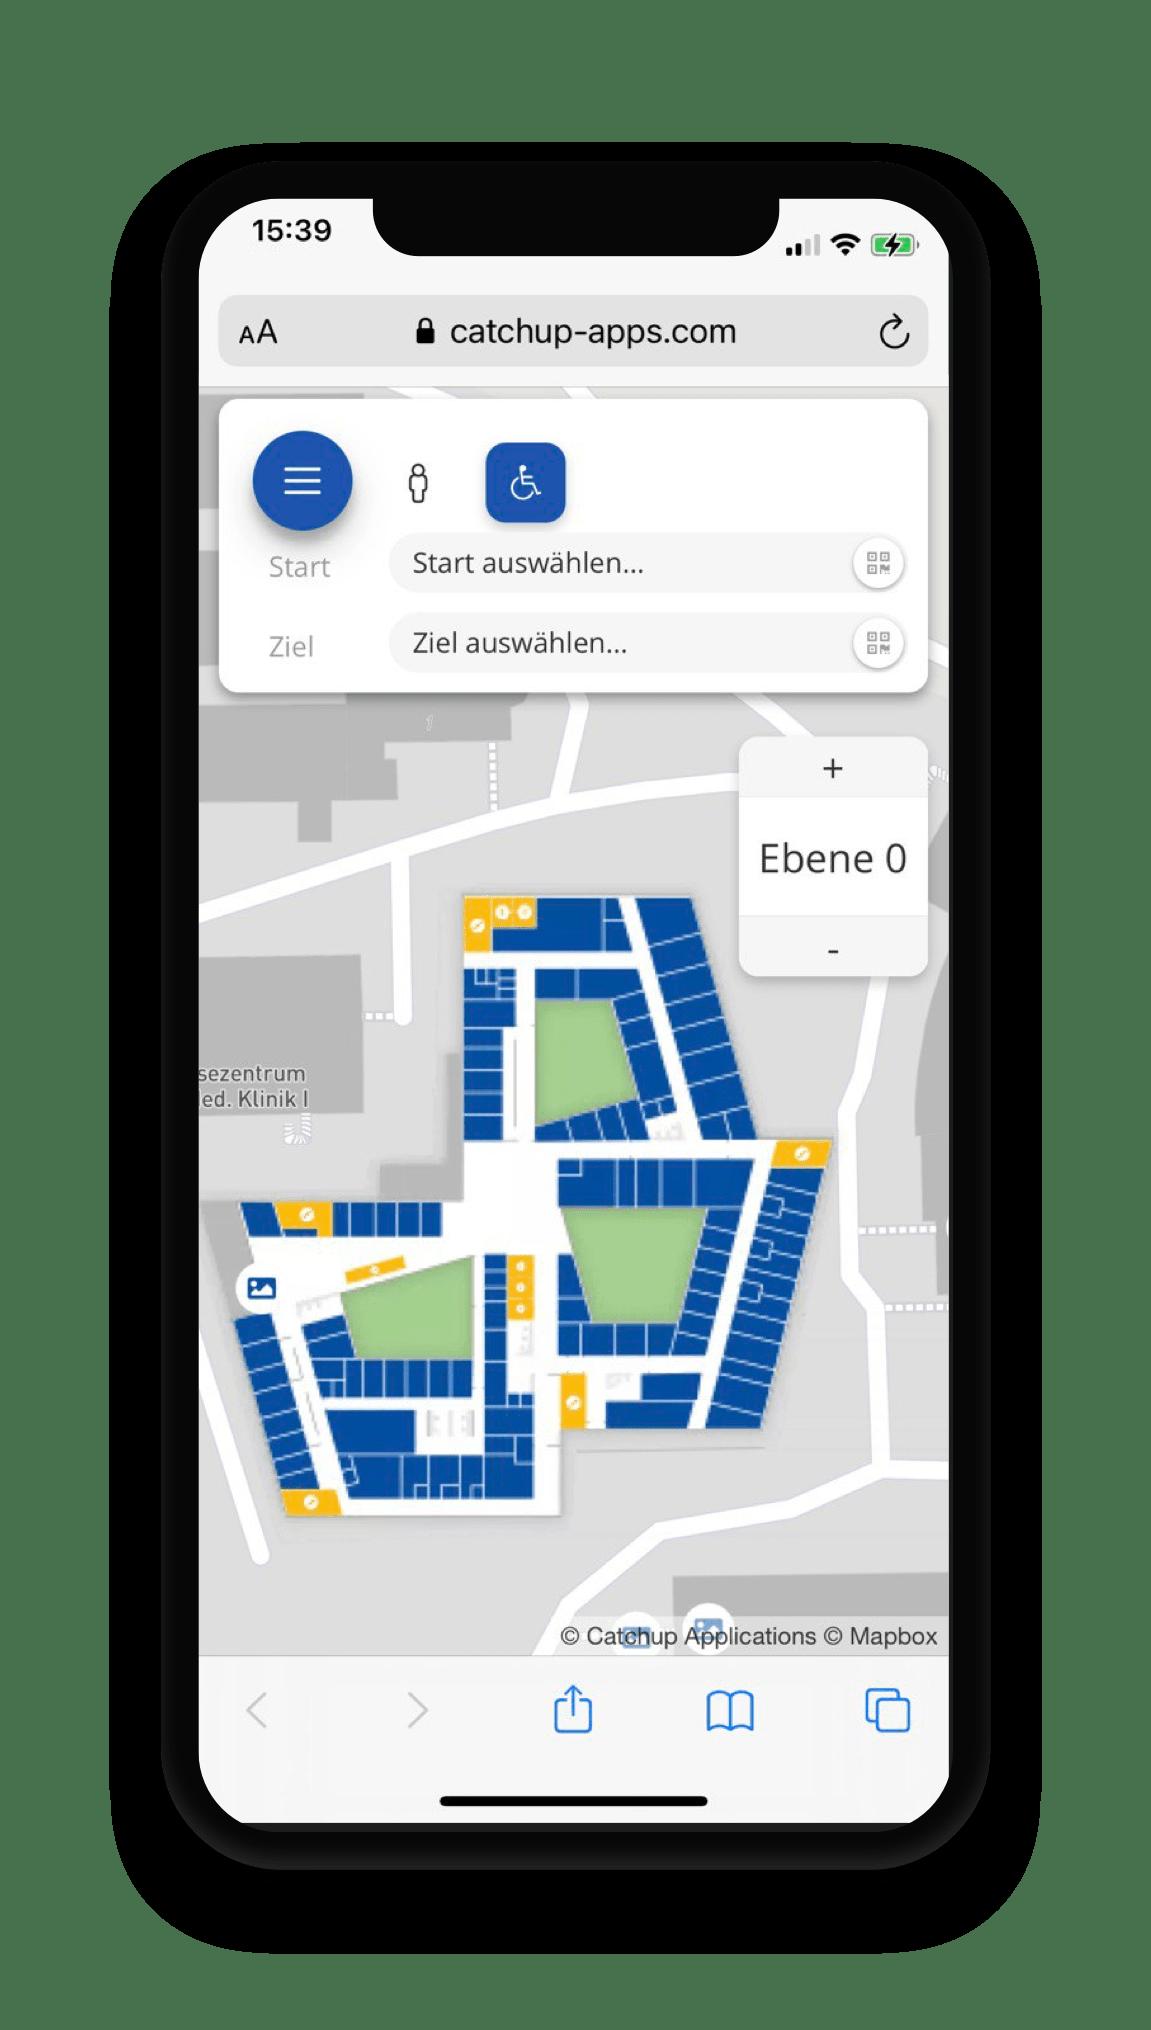 Ortung im Gebäude, App für Navigation, Echtzeitlokalisierung